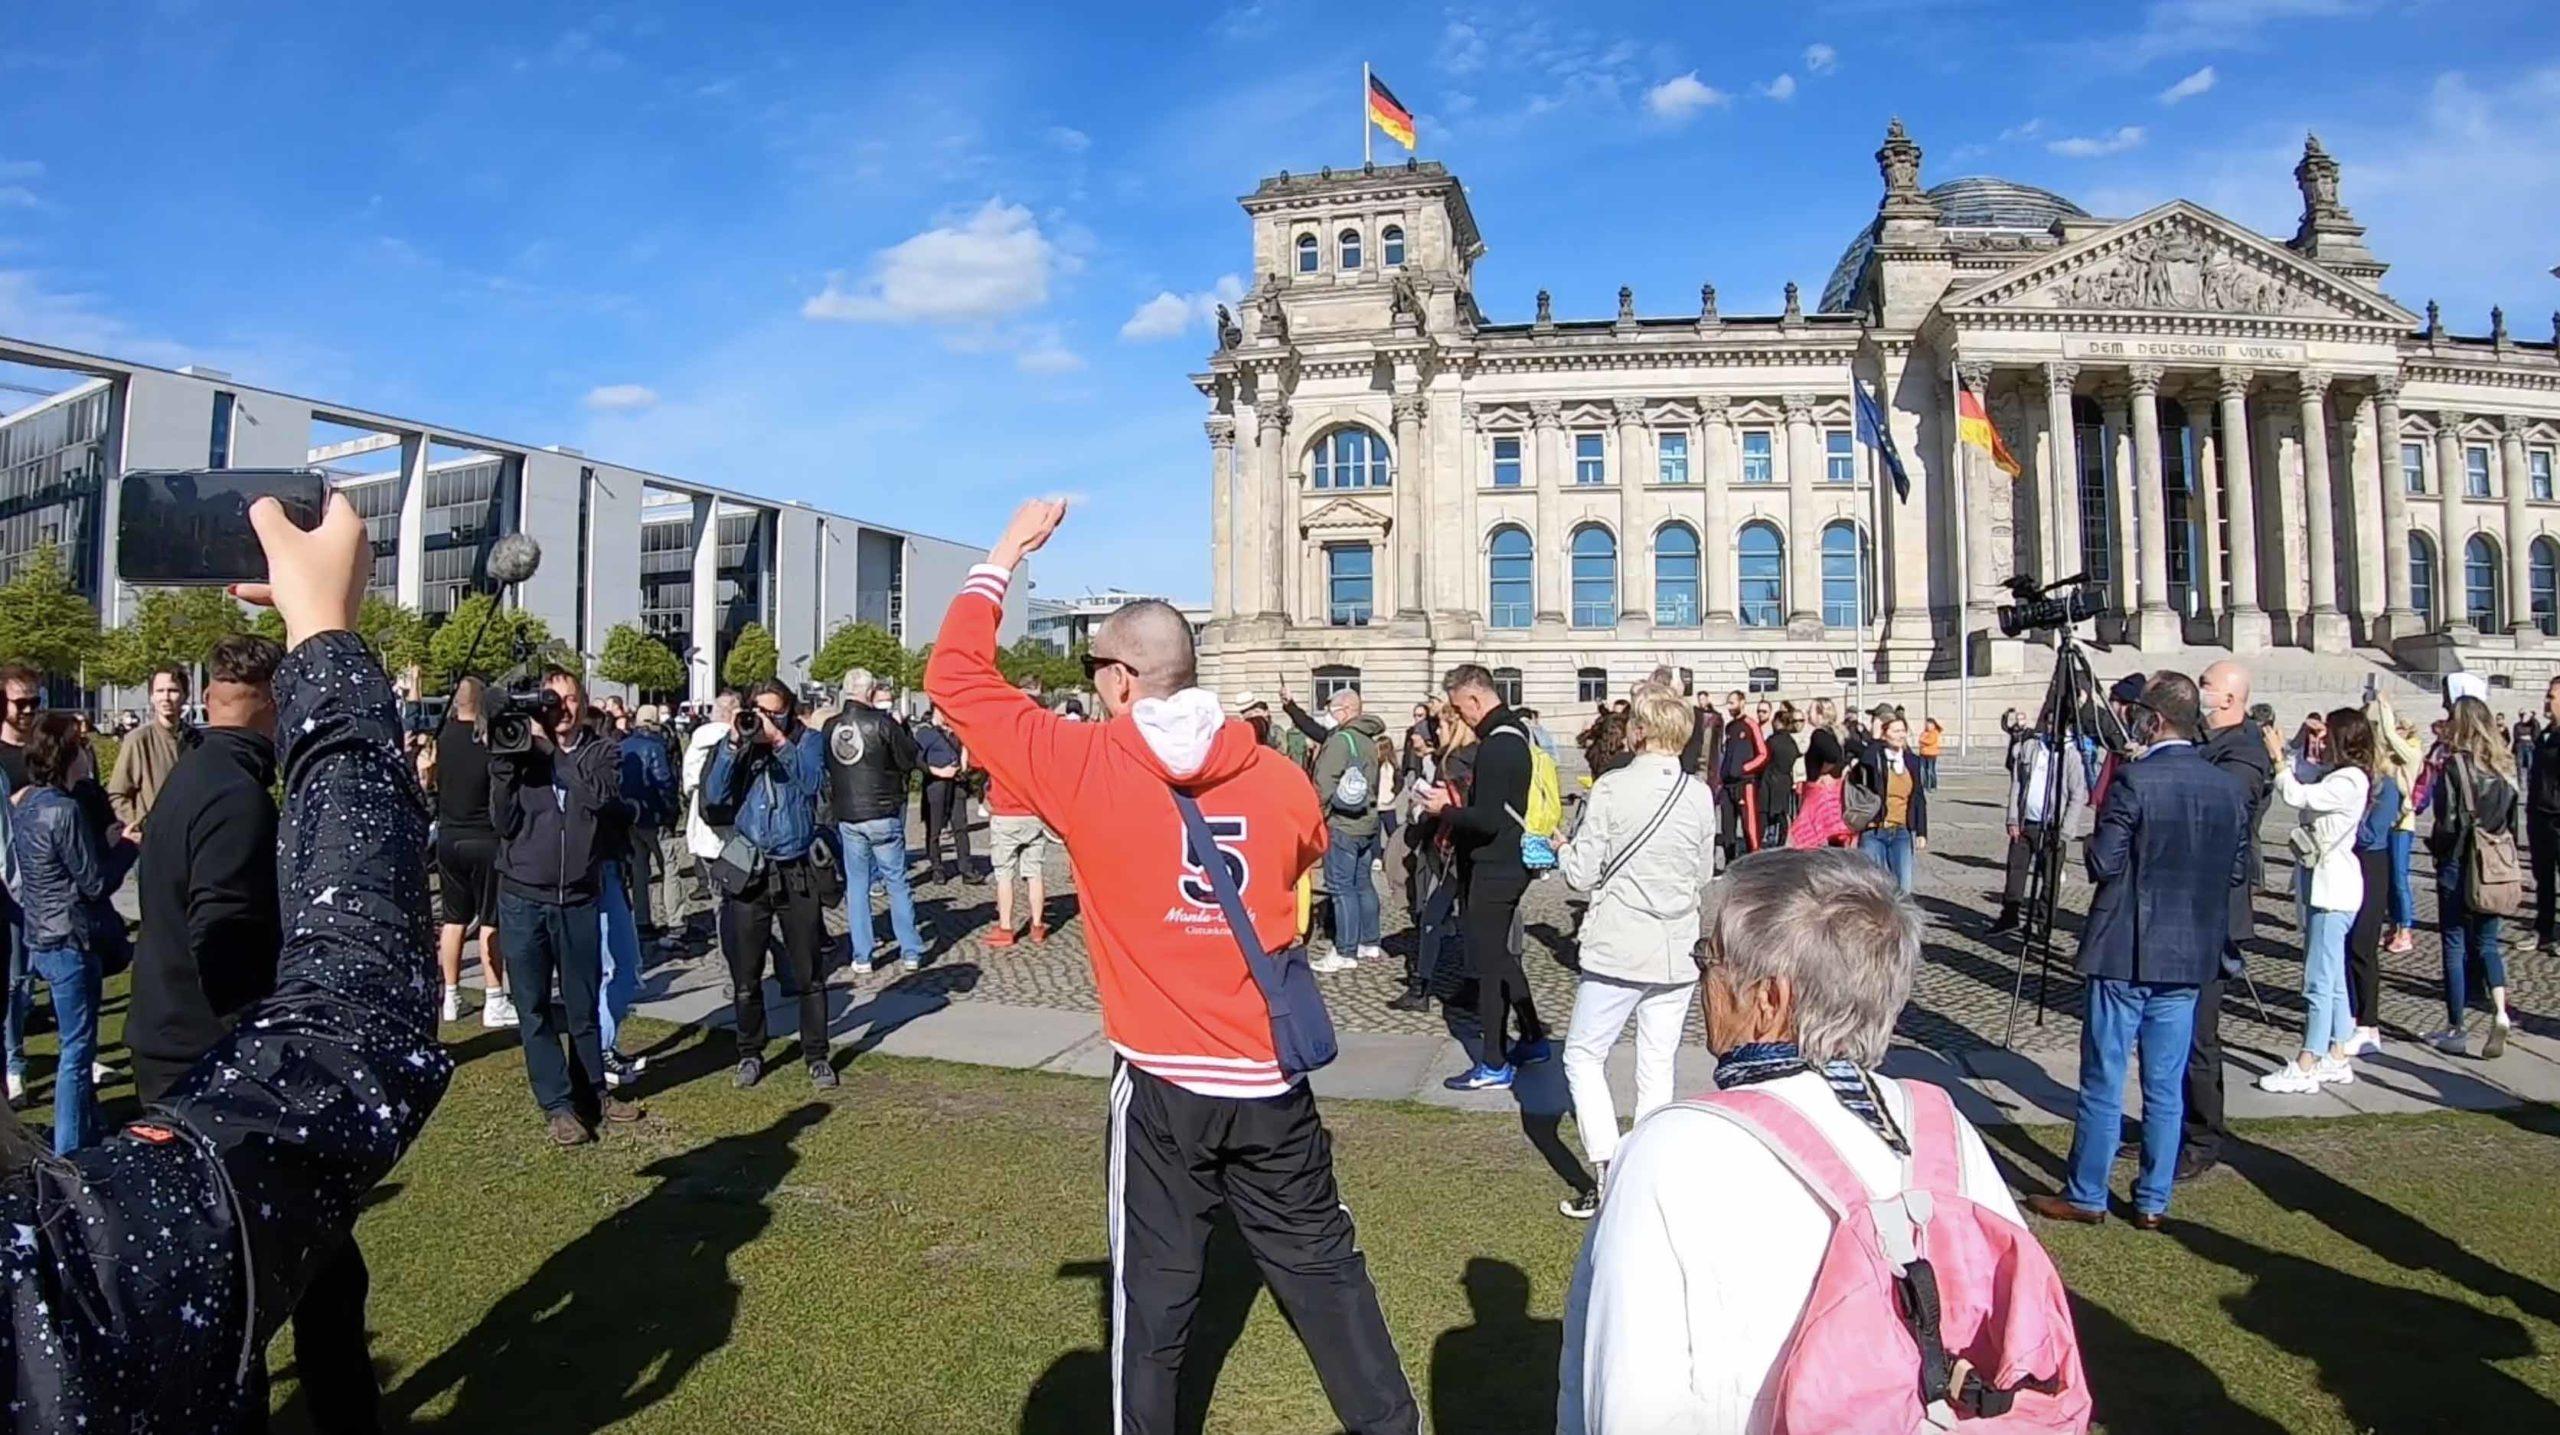 Demo für Bürgerrechte in Berlin